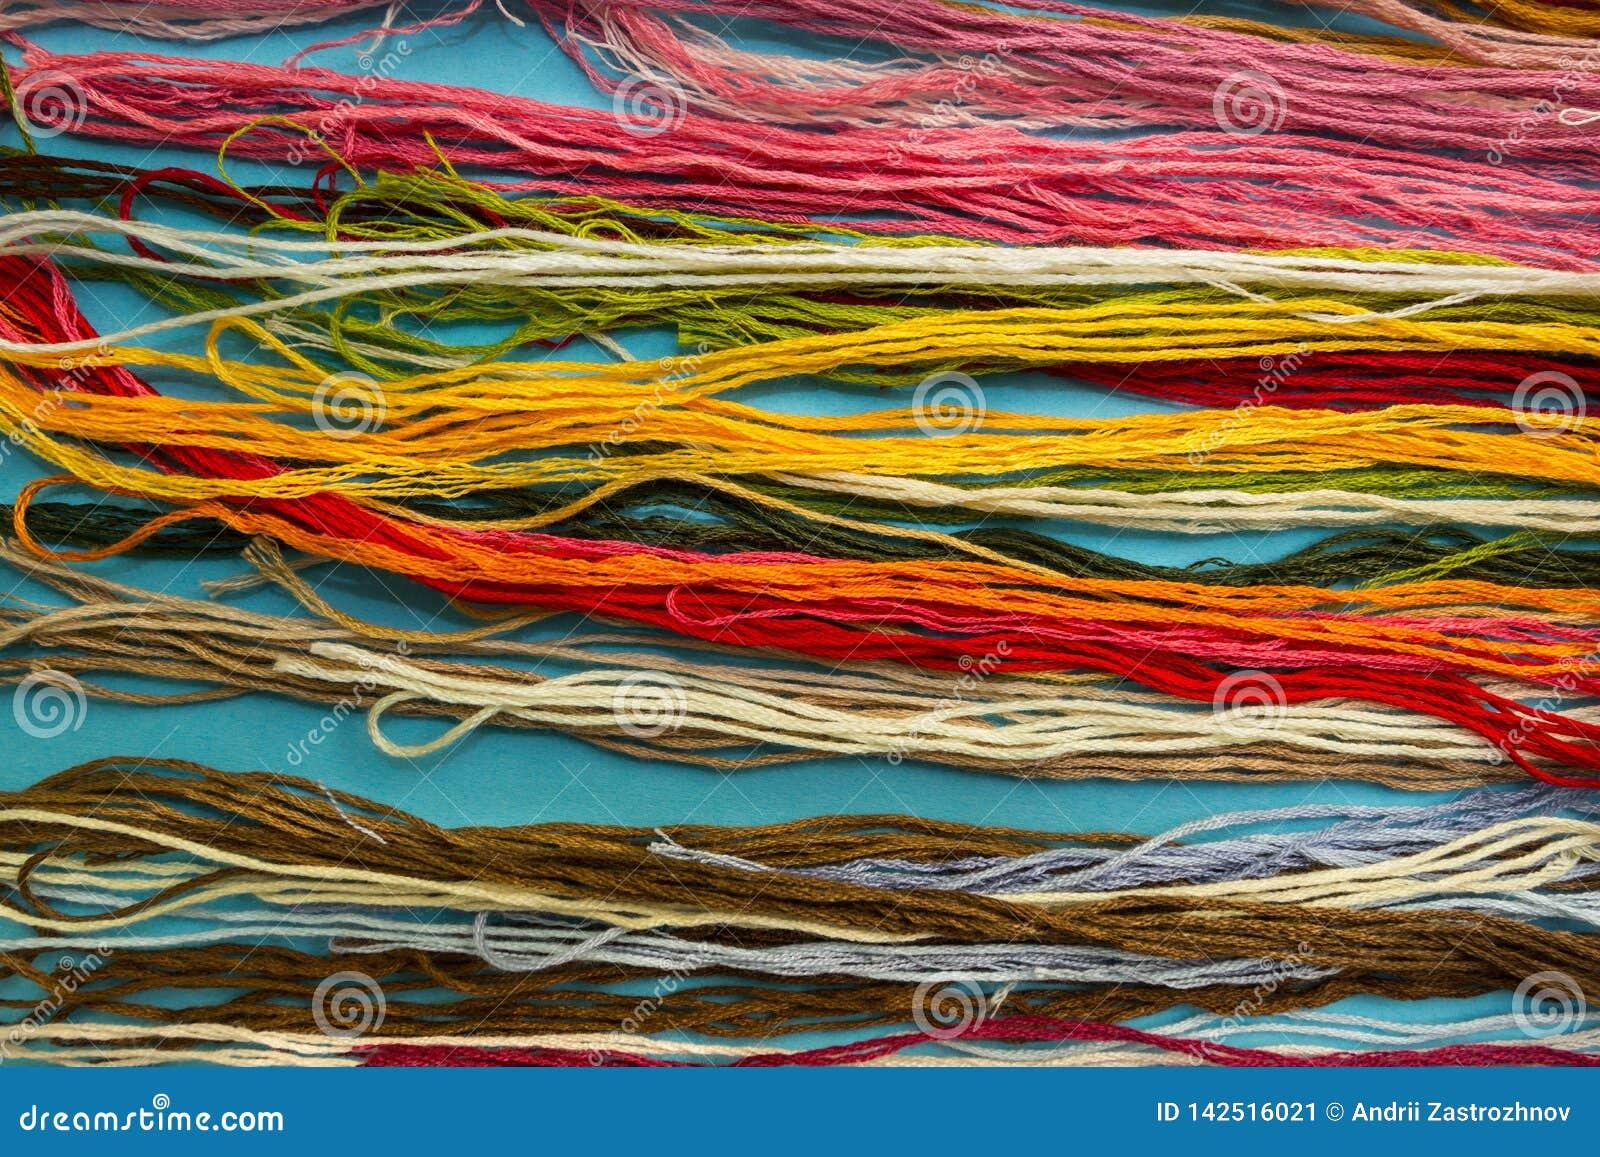 Fondo variopinto parallelo del filo di seta del ricamo del cotone, fili per la fine del mestiere dell ago su